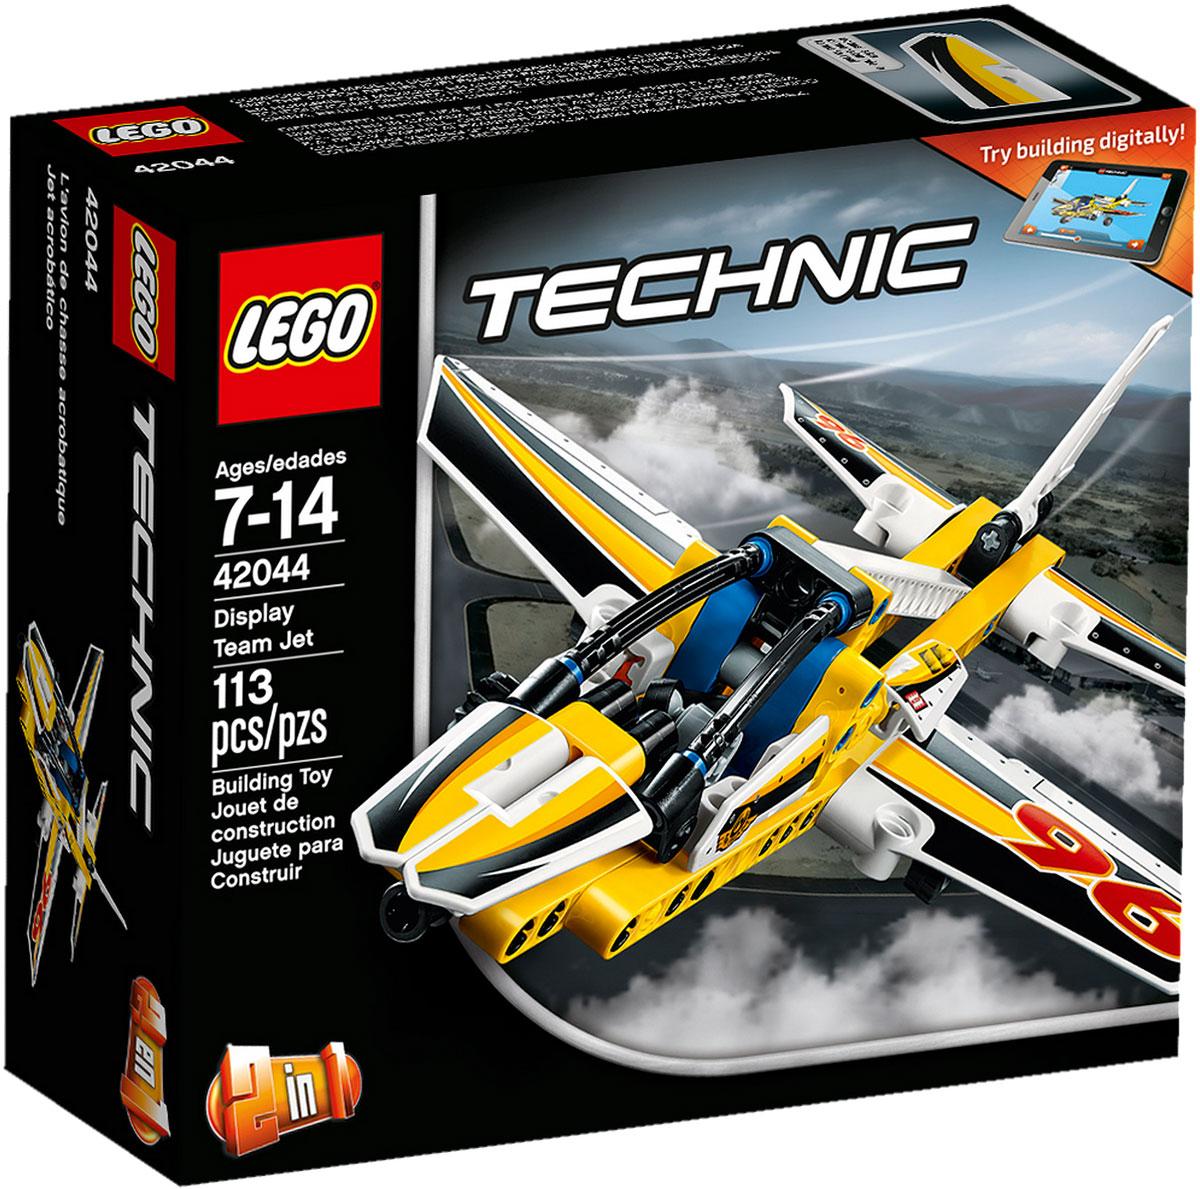 LEGO Technic Конструктор Самолет пилотажной группы 4204442044Наслаждайтесь приключениями в воздухе с этим высокотехнологичным, аэродинамичным самолетом. Удивительная модель 2 в 1 имеет большую кабину, убирающиеся шасси и раскрашена в желтый, черный и белый цвета со спортивными черно-белыми гоночными наклейками-шашечками. Когда будете готовы к новой задаче, соберите спортивный самолет для высшего пилотажа. Набор включает в себя 113 разноцветных пластиковых элементов. Конструктор станет замечательным сюрпризом вашему ребенку, который будет способствовать развитию мелкой моторики рук, внимательности, усидчивости и мышления. Играя с конструктором, ребенок научится собирать детали по образцу, проводить время с пользой и удовольствием.